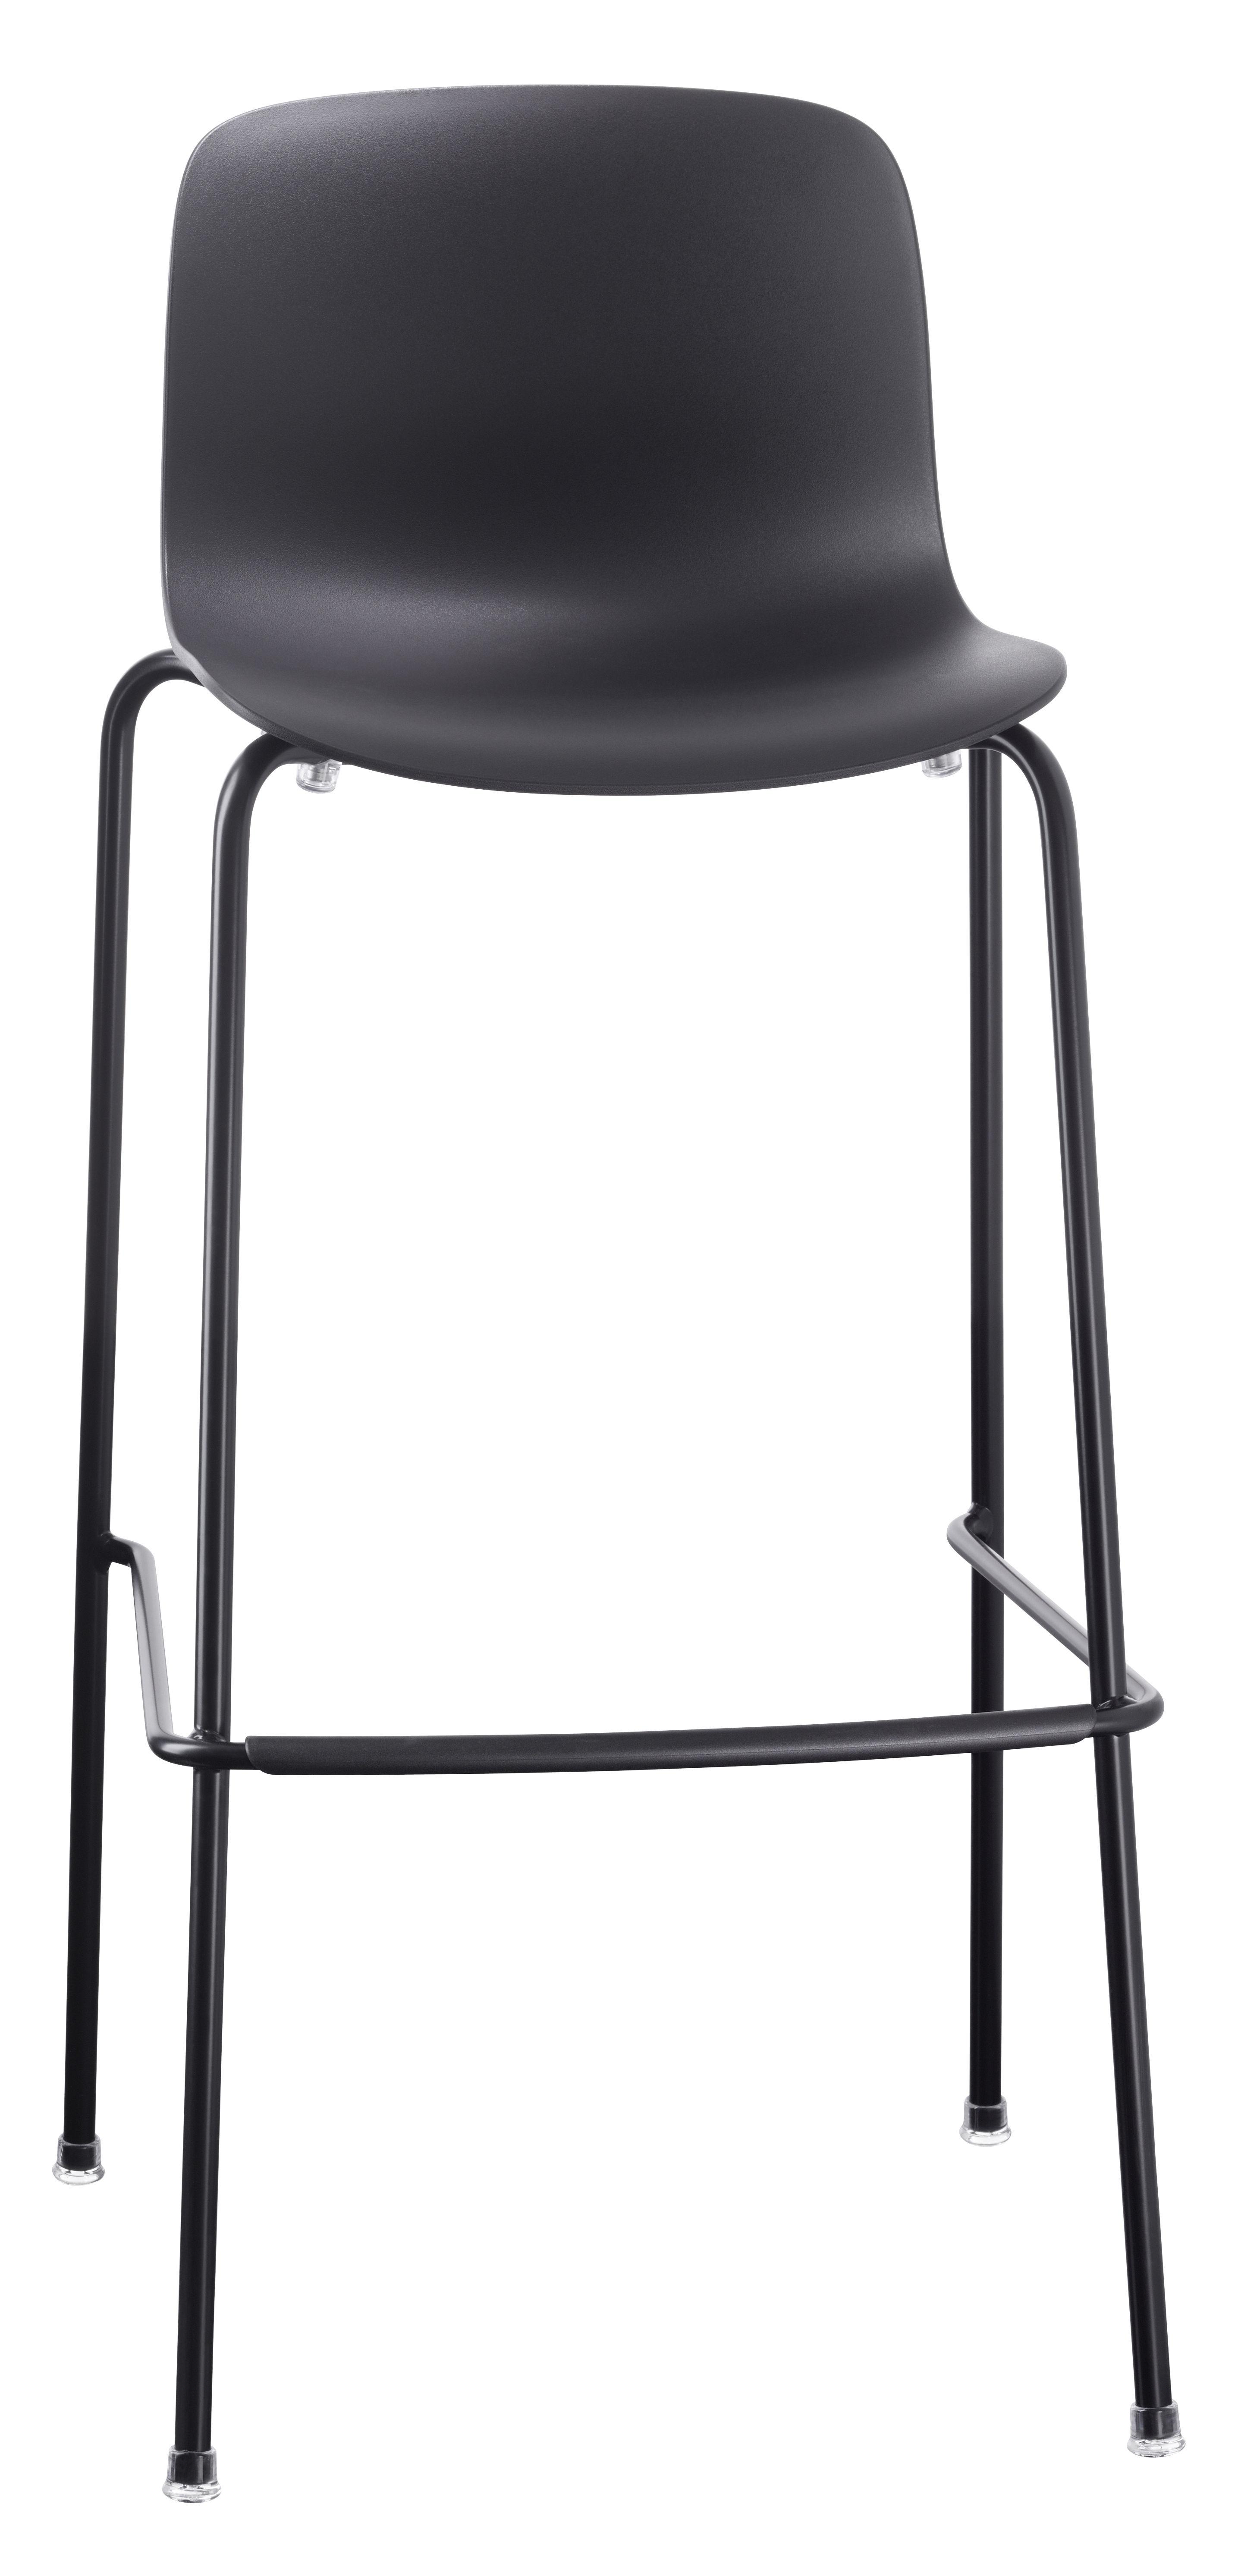 Arredamento - Sgabelli da bar  - Sgabello da bar Troy Outdoor / Plastica & 4 gambe metallo - H 75 cm - Magis - Nero - Acciaio, Polipropilene